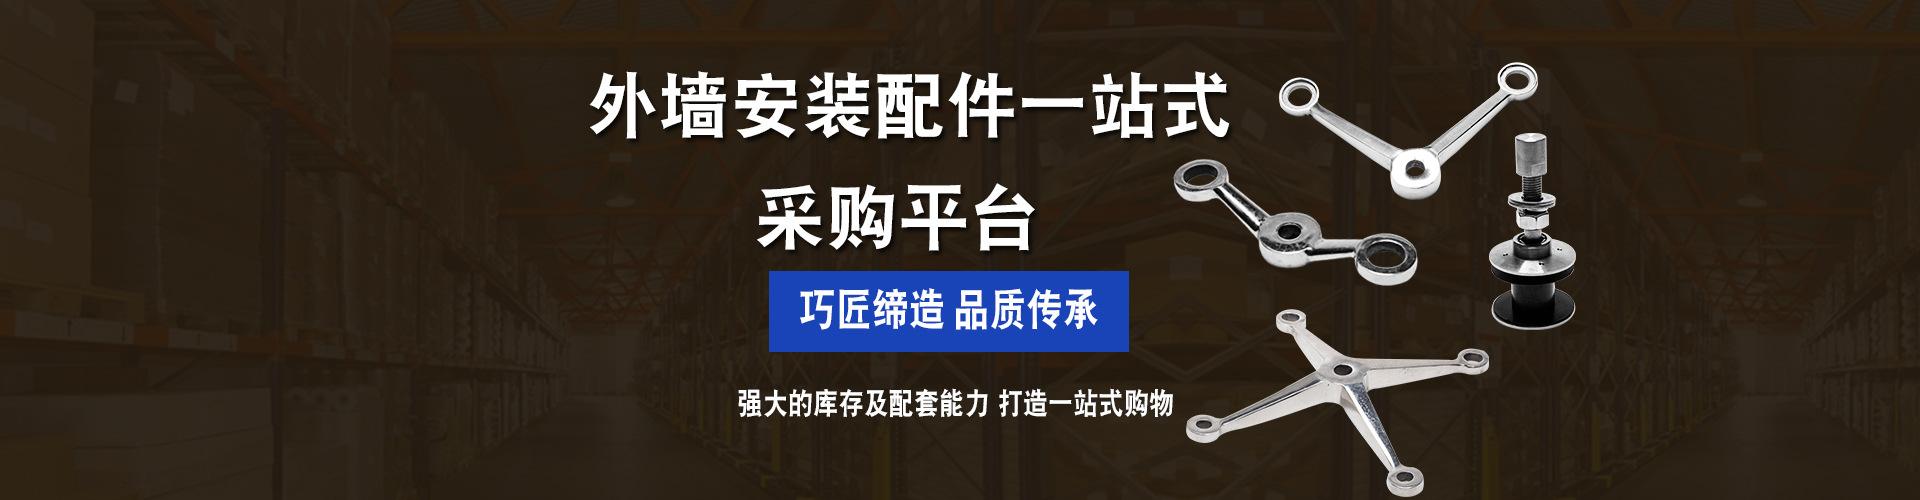 上海富帅幕墙科技有限公司